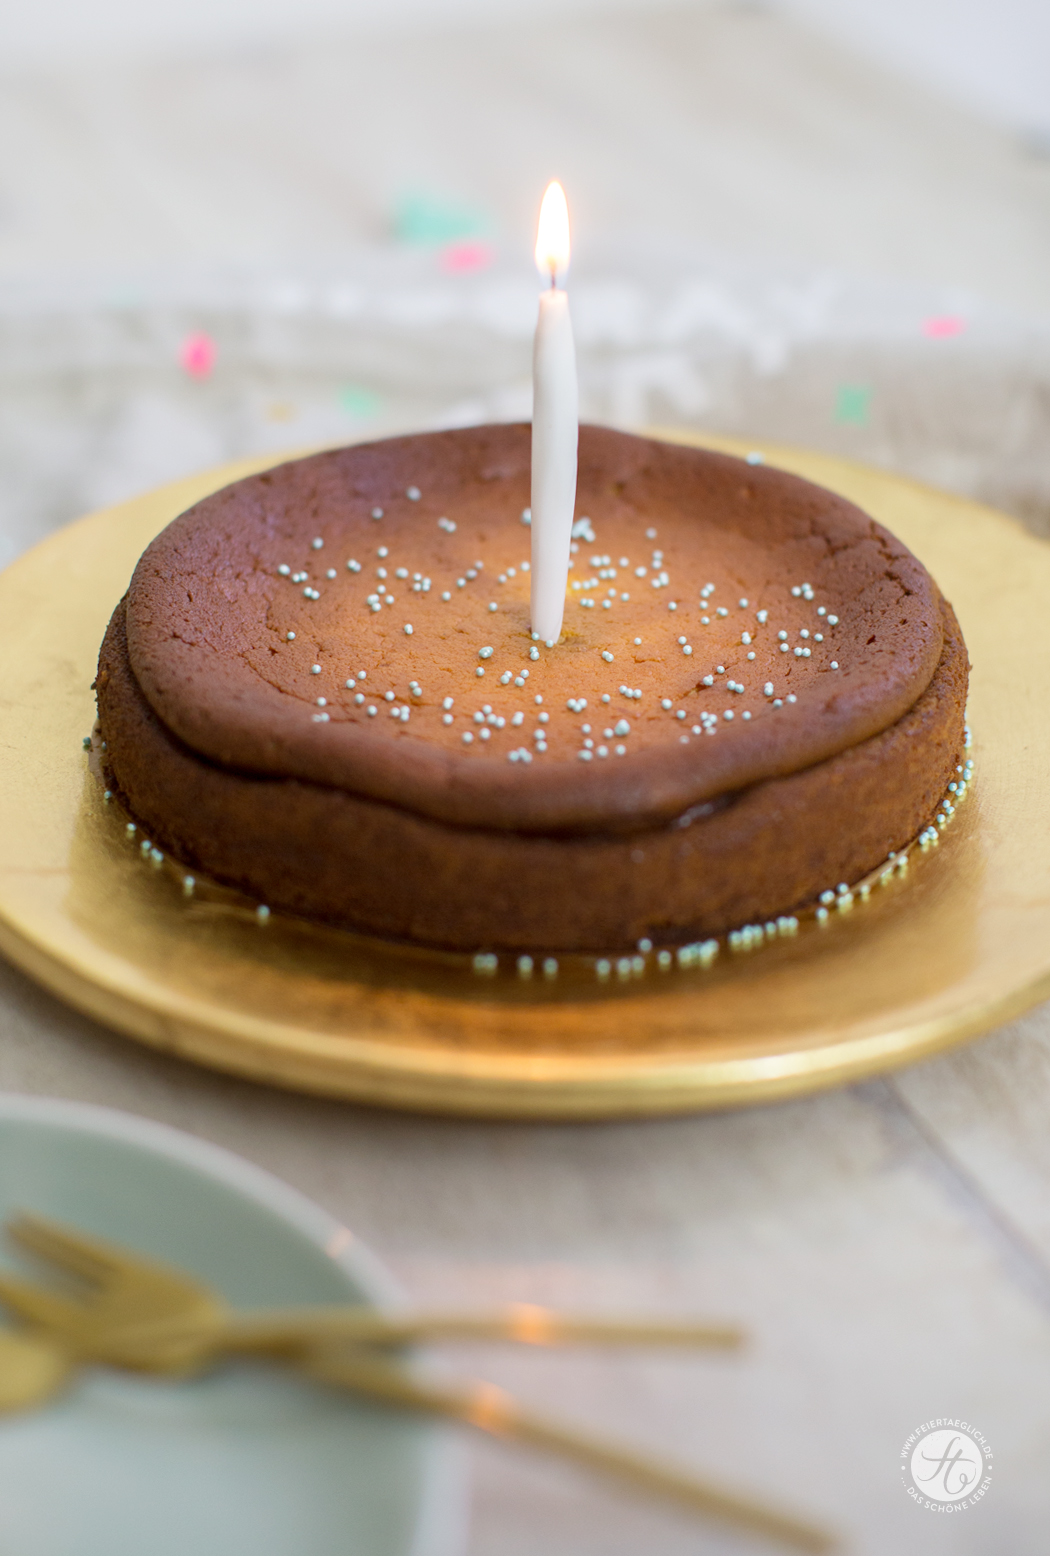 Zum Geburtstag: Käsekuchen ohne Boden, einfaches Rezept, schnell gerührt und super lecker.